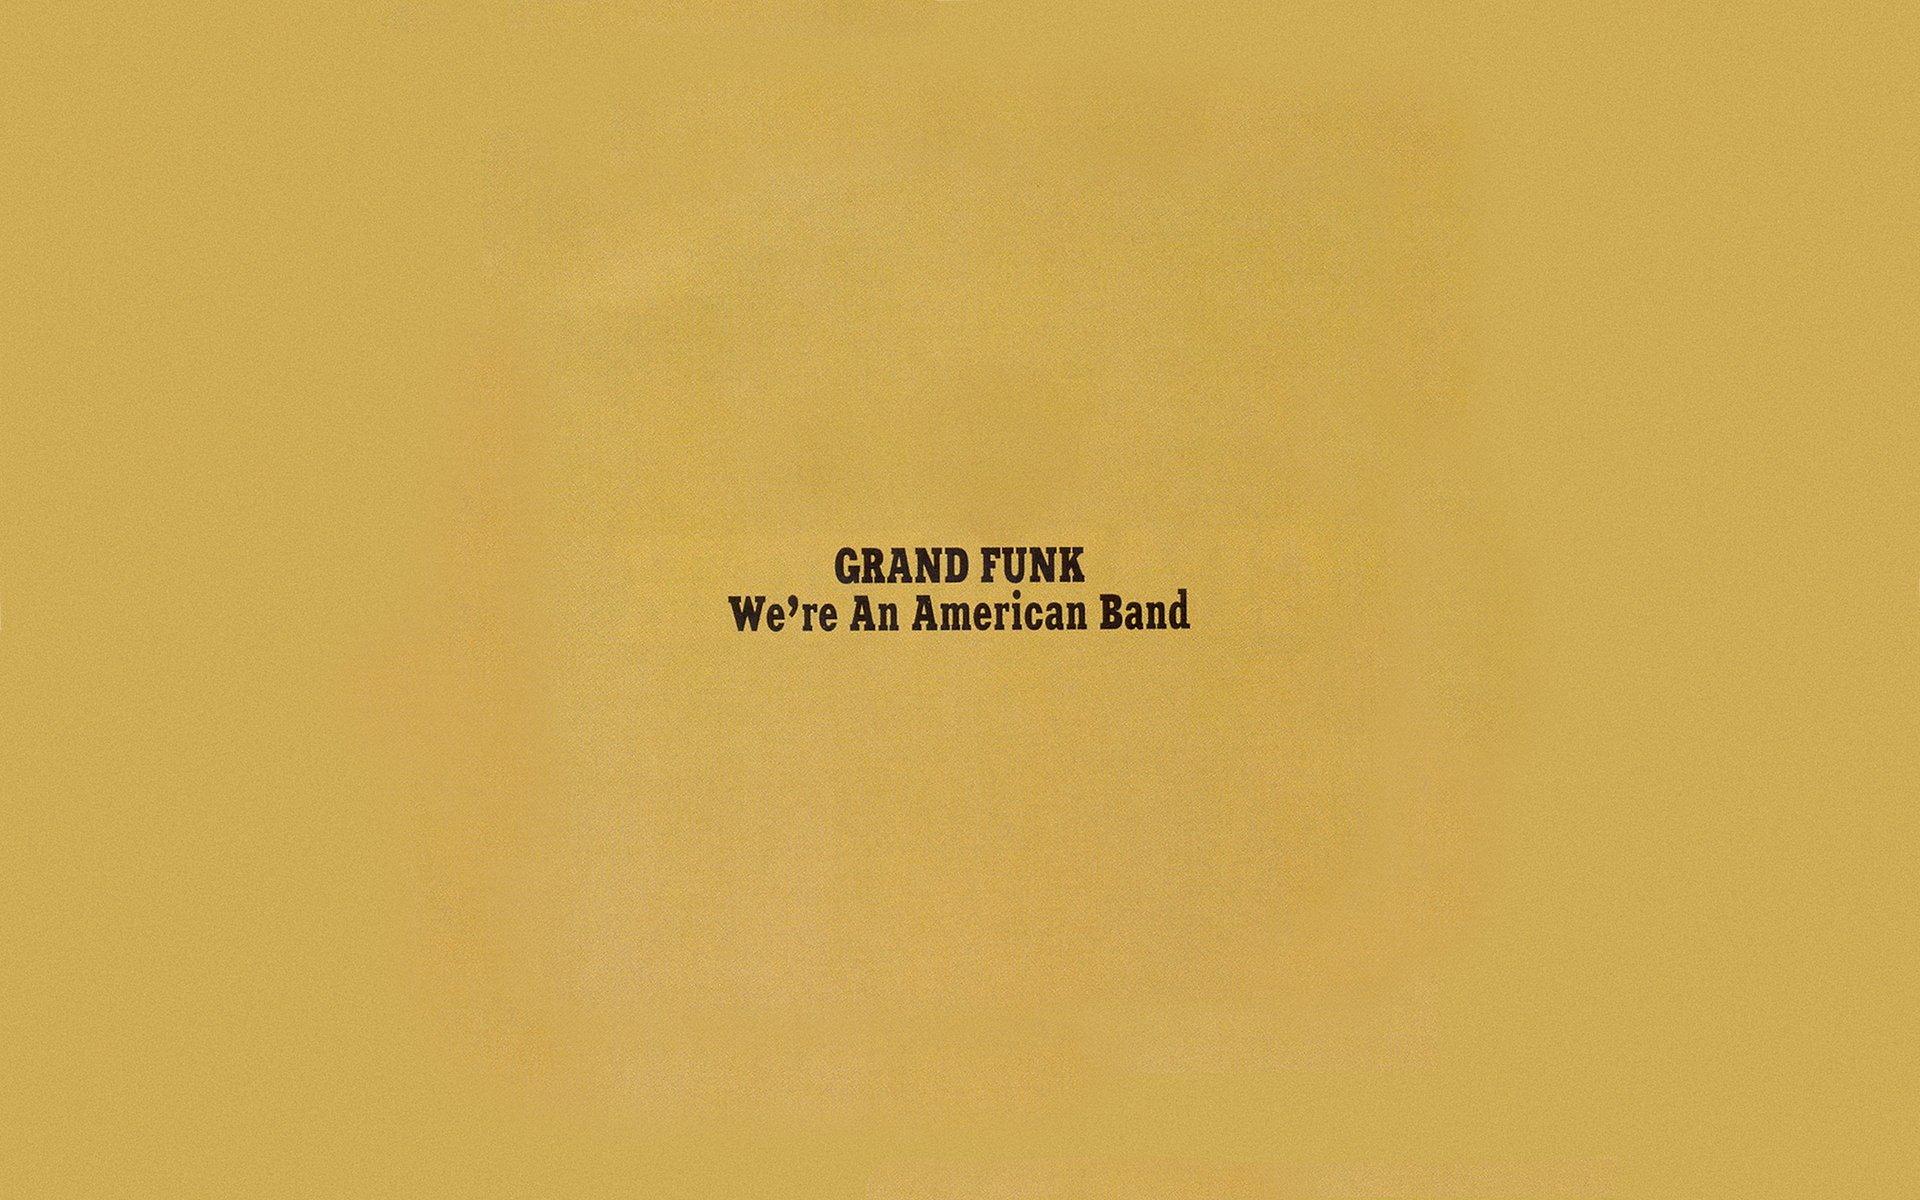 Top 10 Grand Funk Railroad Songs